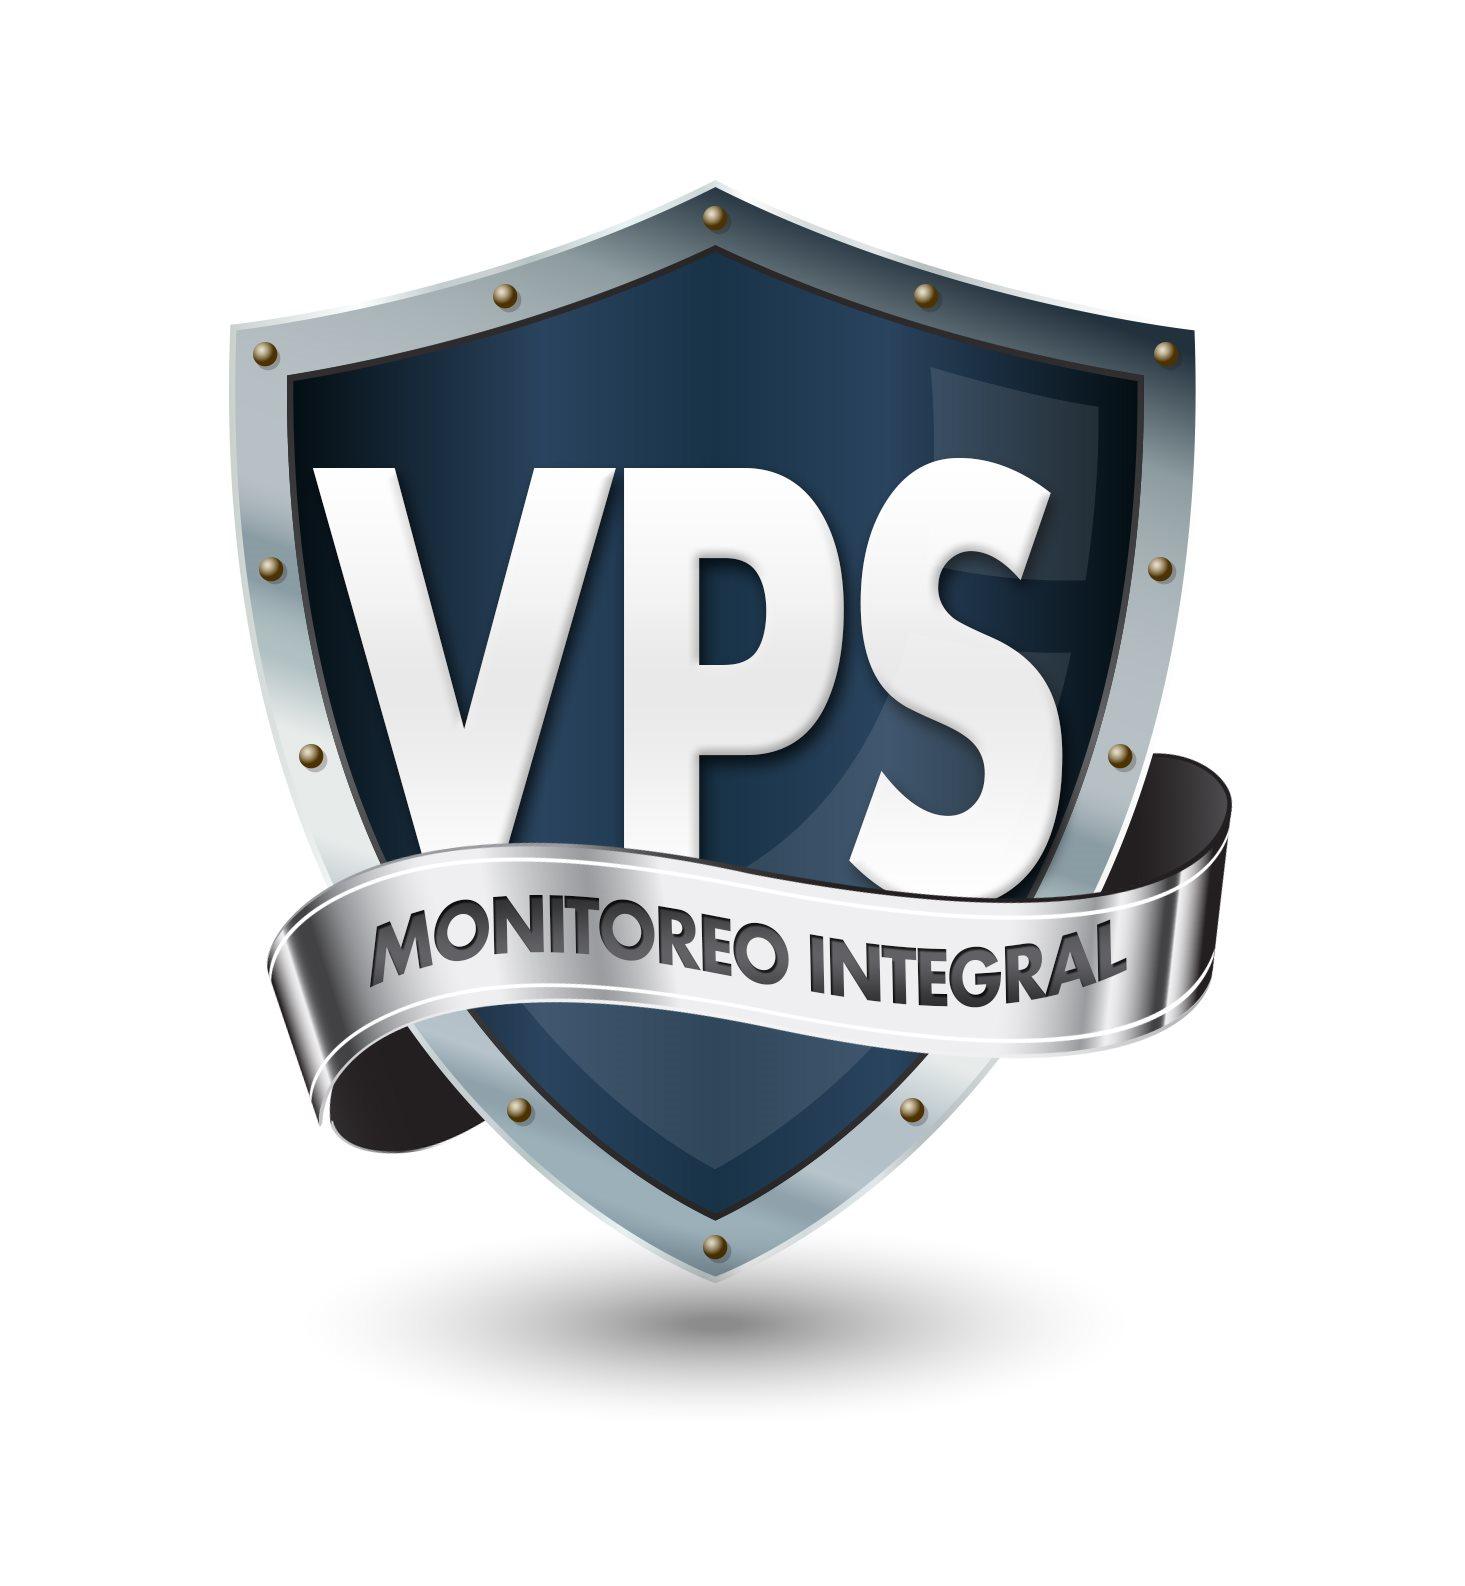 VPS Monitoreo Integral, C.A.